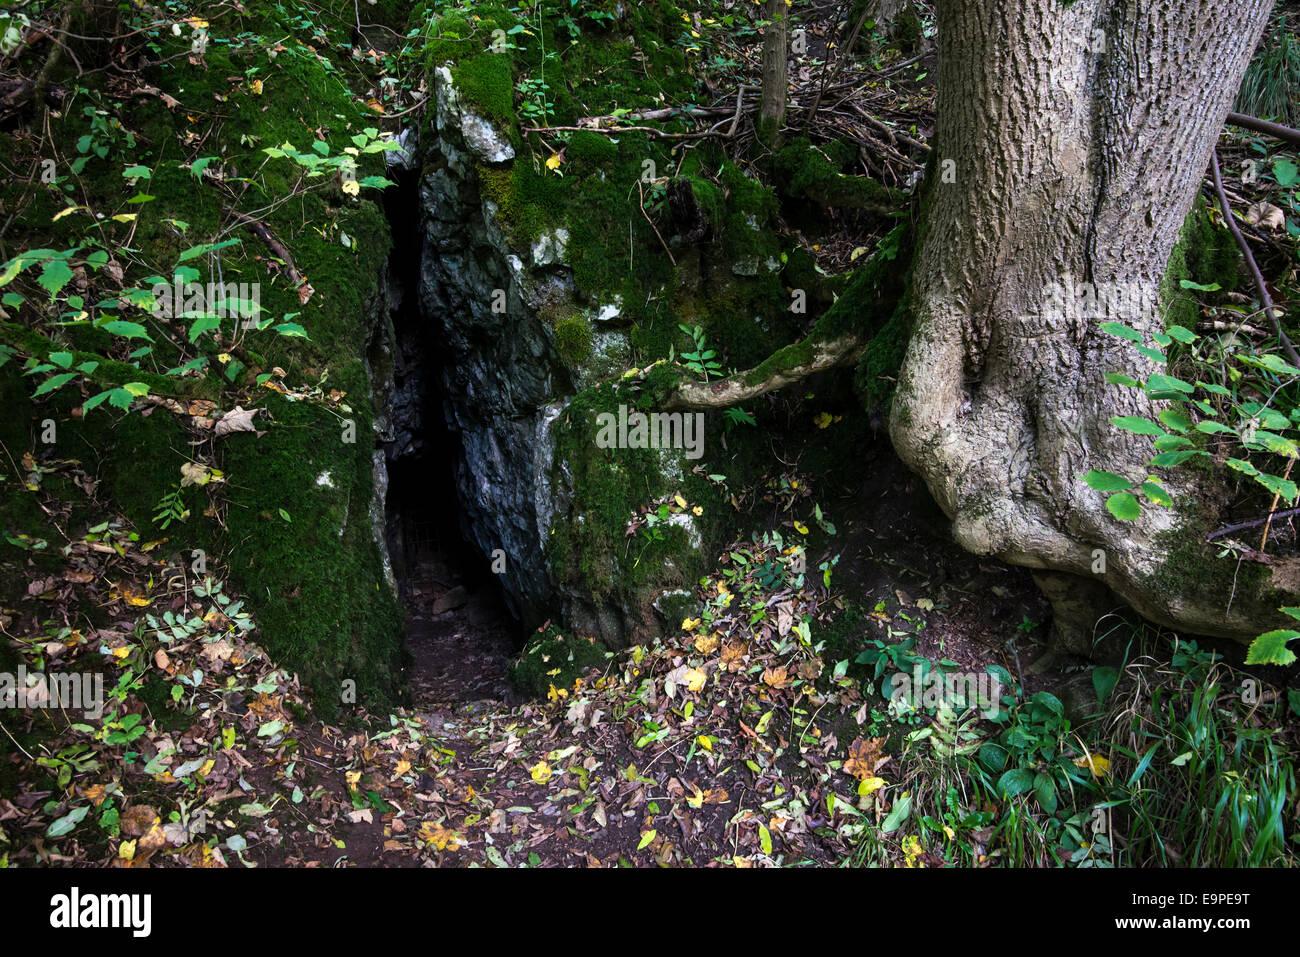 Spalt in den Felsen mit Asche Baum wächst daneben. Herbst Blätter auf dem Boden verstreut. Lathkill Dale Stockbild